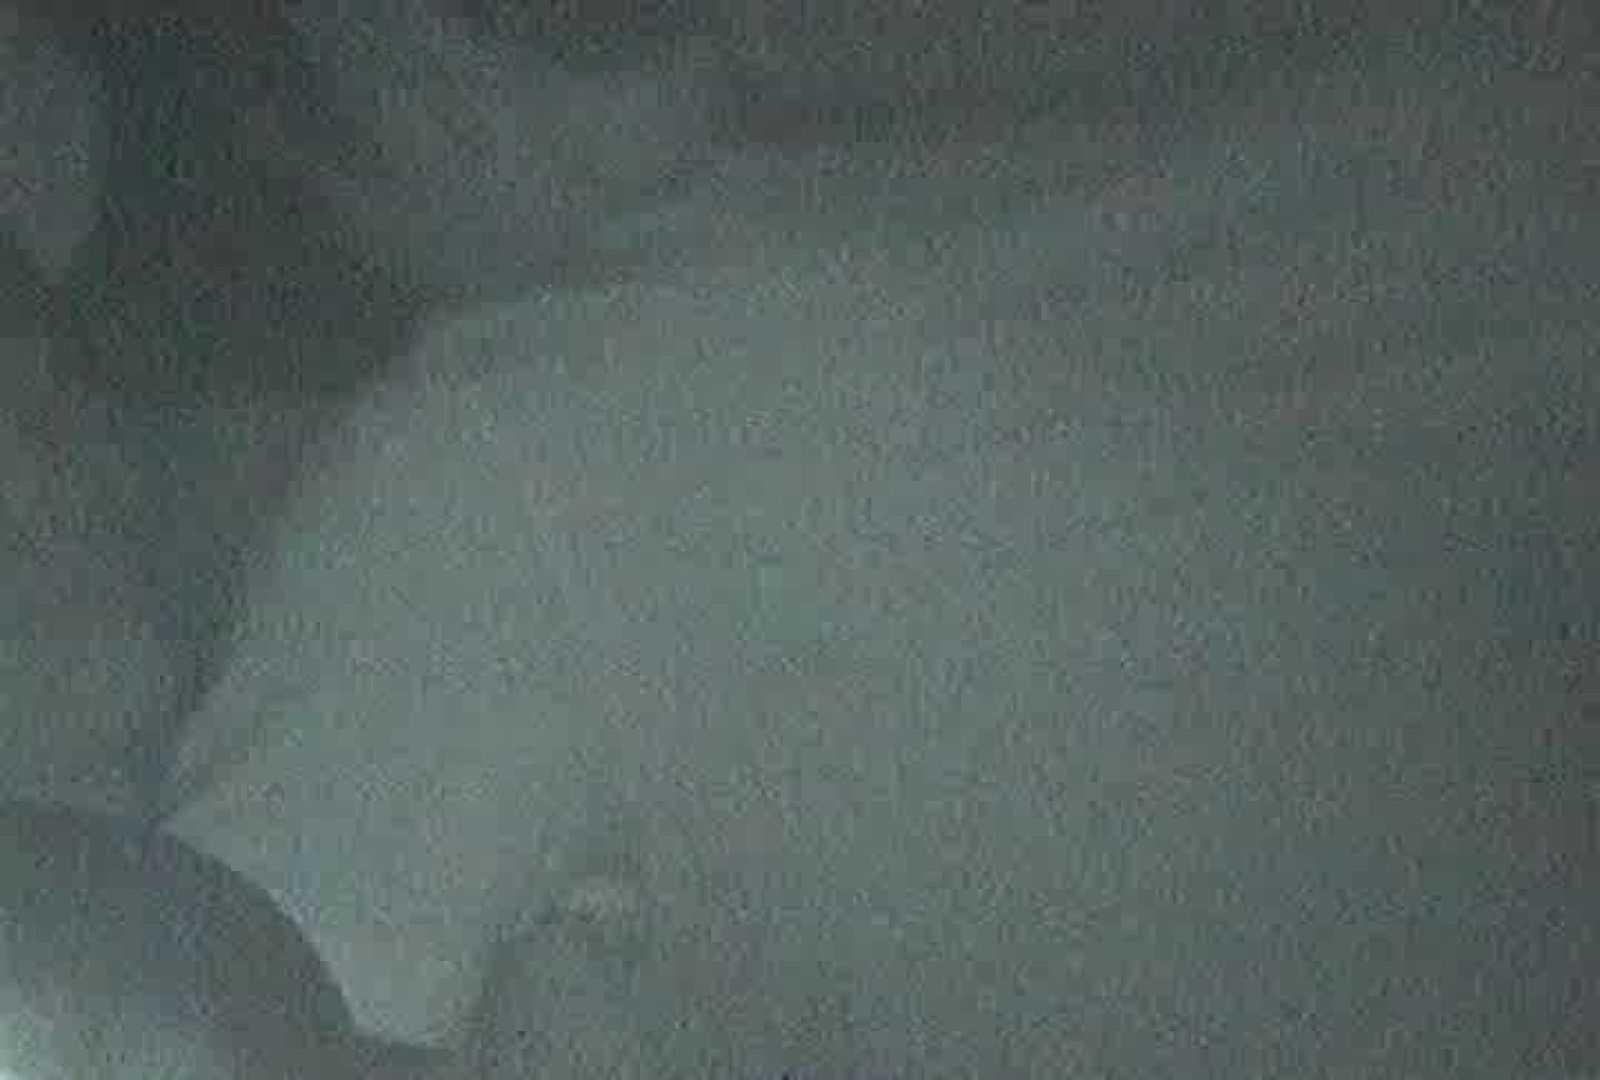 充血監督の深夜の運動会Vol.71 ラブホテル オマンコ無修正動画無料 106pic 103